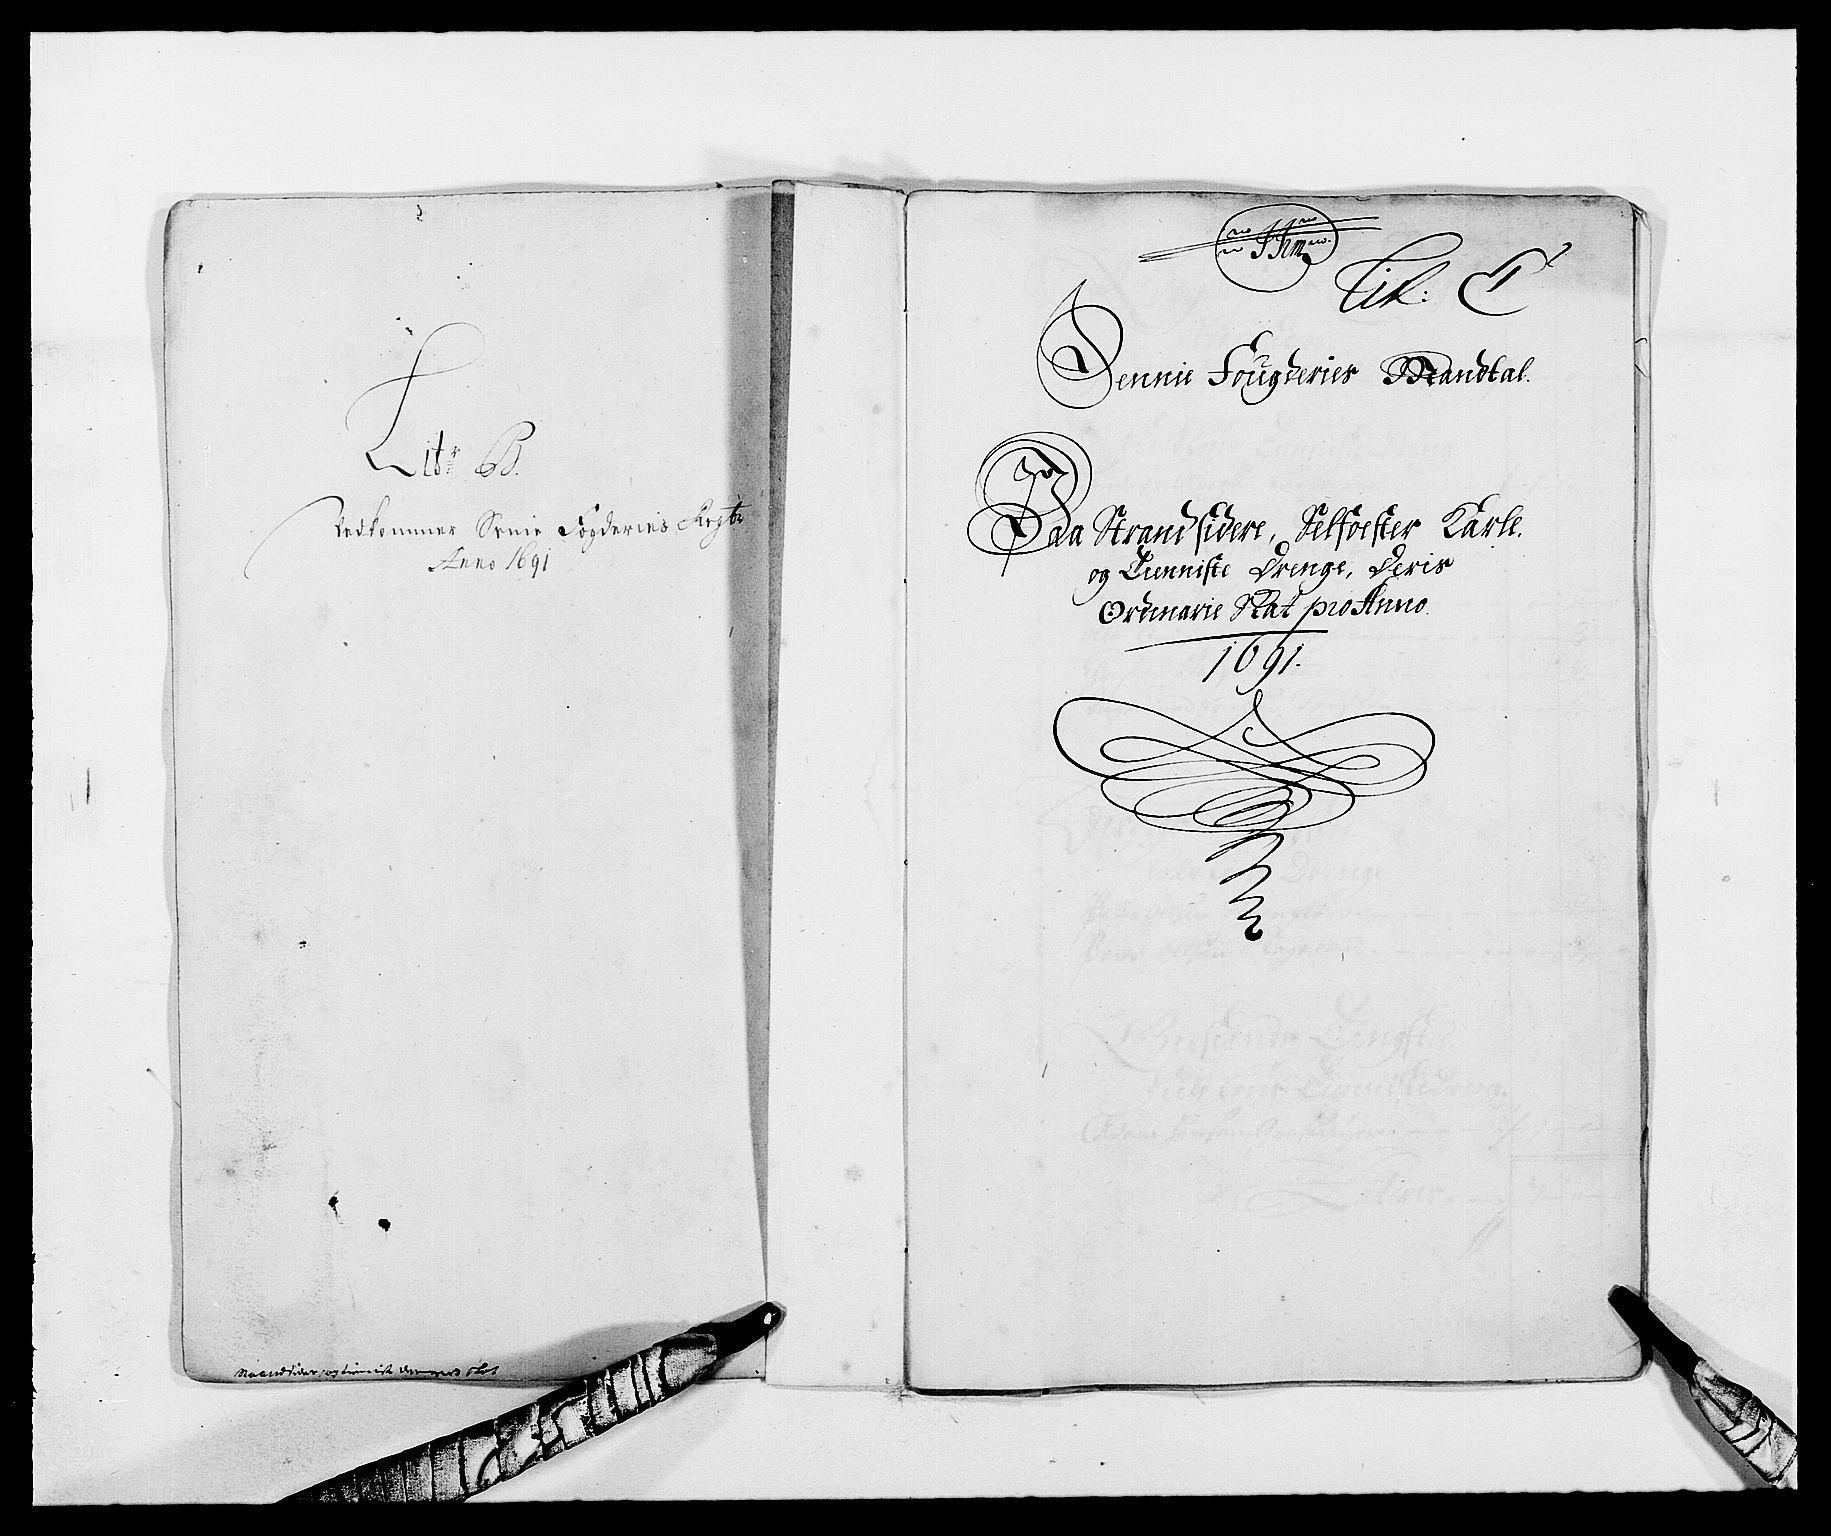 RA, Rentekammeret inntil 1814, Reviderte regnskaper, Fogderegnskap, R68/L4752: Fogderegnskap Senja og Troms, 1691-1693, s. 36